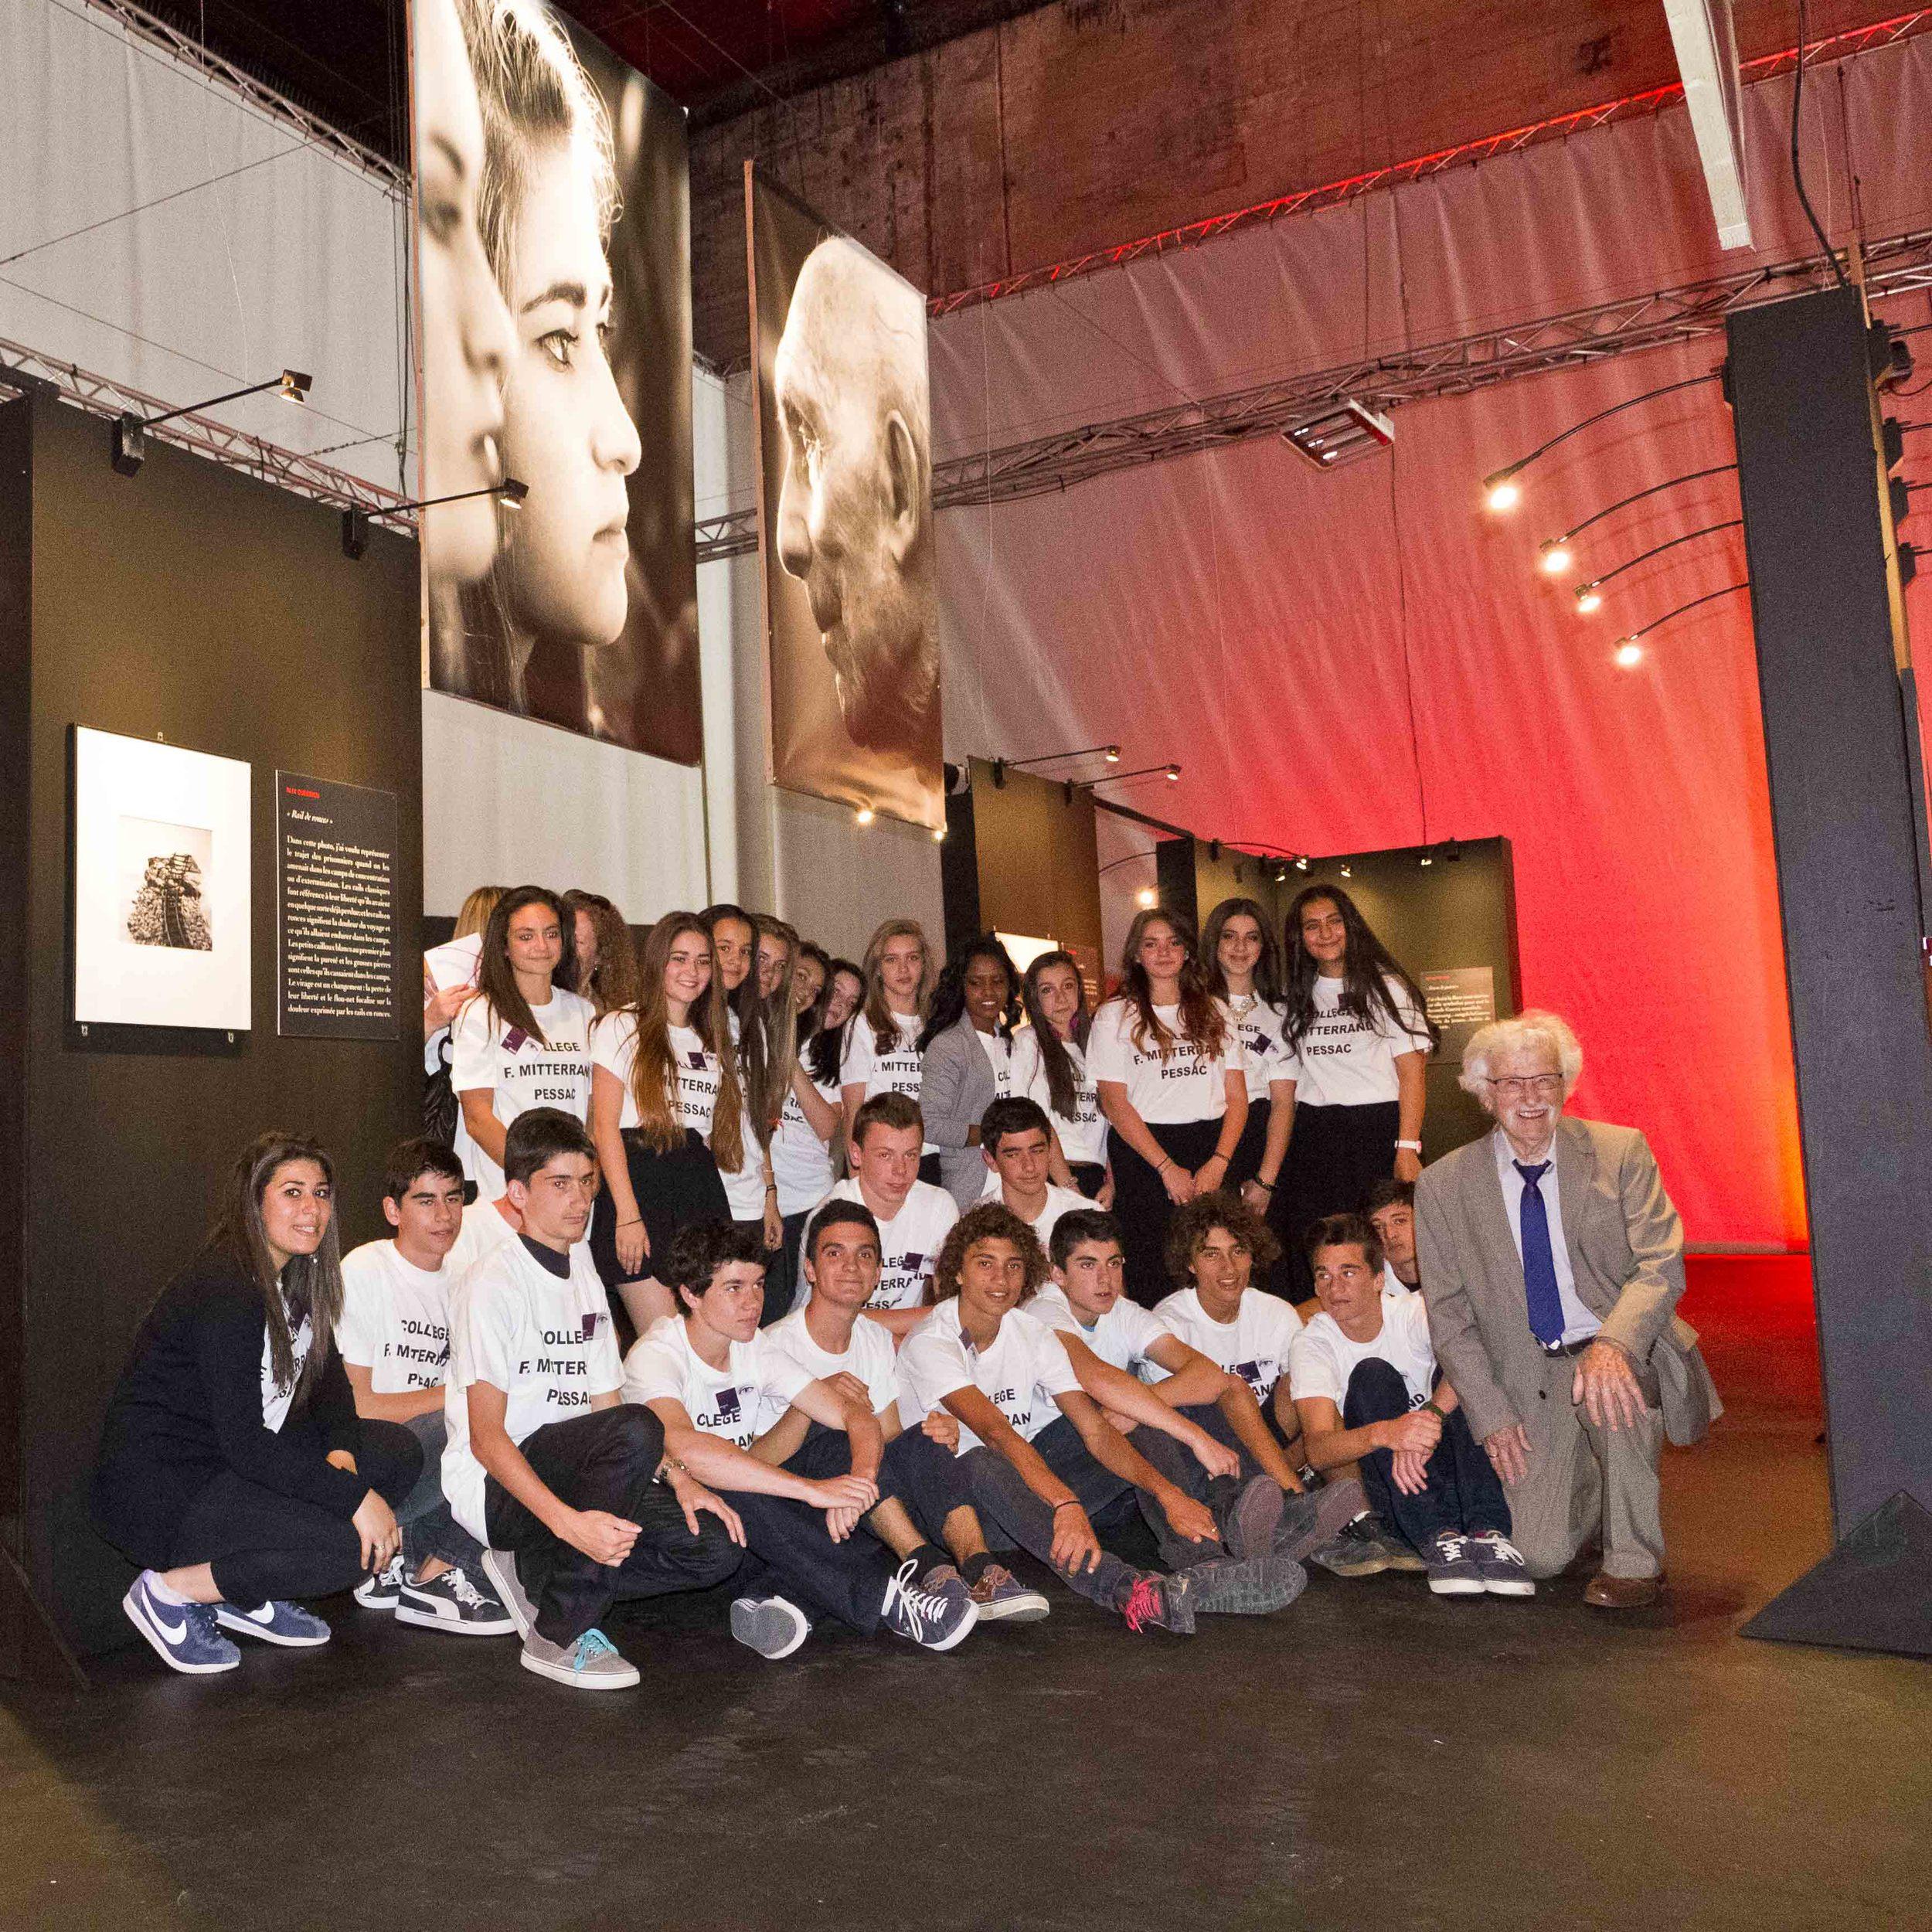 Monsieur Laborde, engagé dans les Forces Françaises Libres, et les élèves de 3e 1 du collège F. Mitterrand de Pessac au coeur de leur exposition.